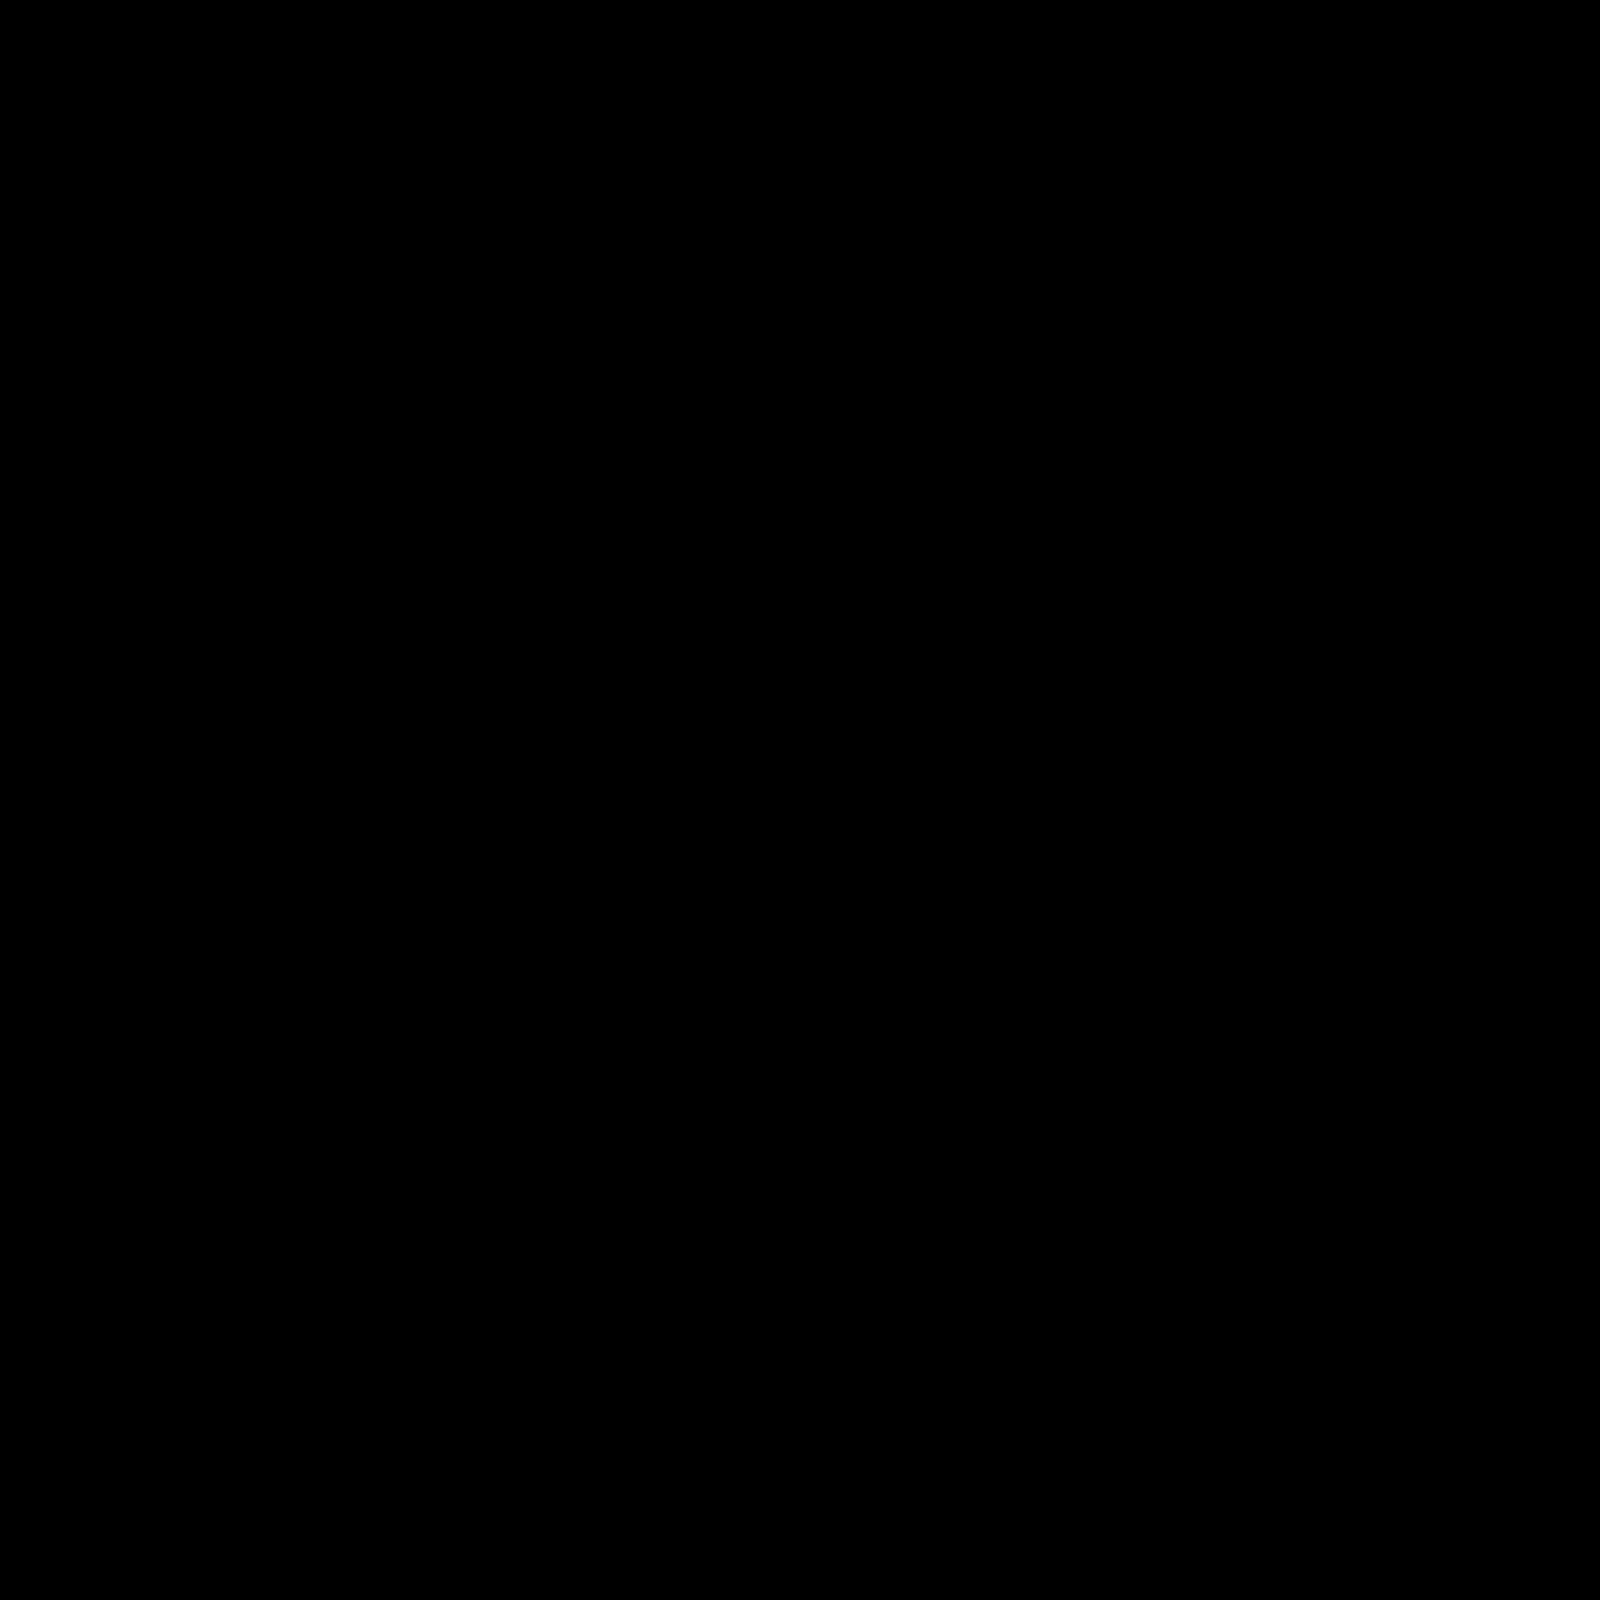 馅饼 icon. The icon is a pie in the classic sense of American pie. It appears that a crust with three slits in the top is with a round pie pan. You cannot see what is inside the pie as the filling is obscured by the crust.